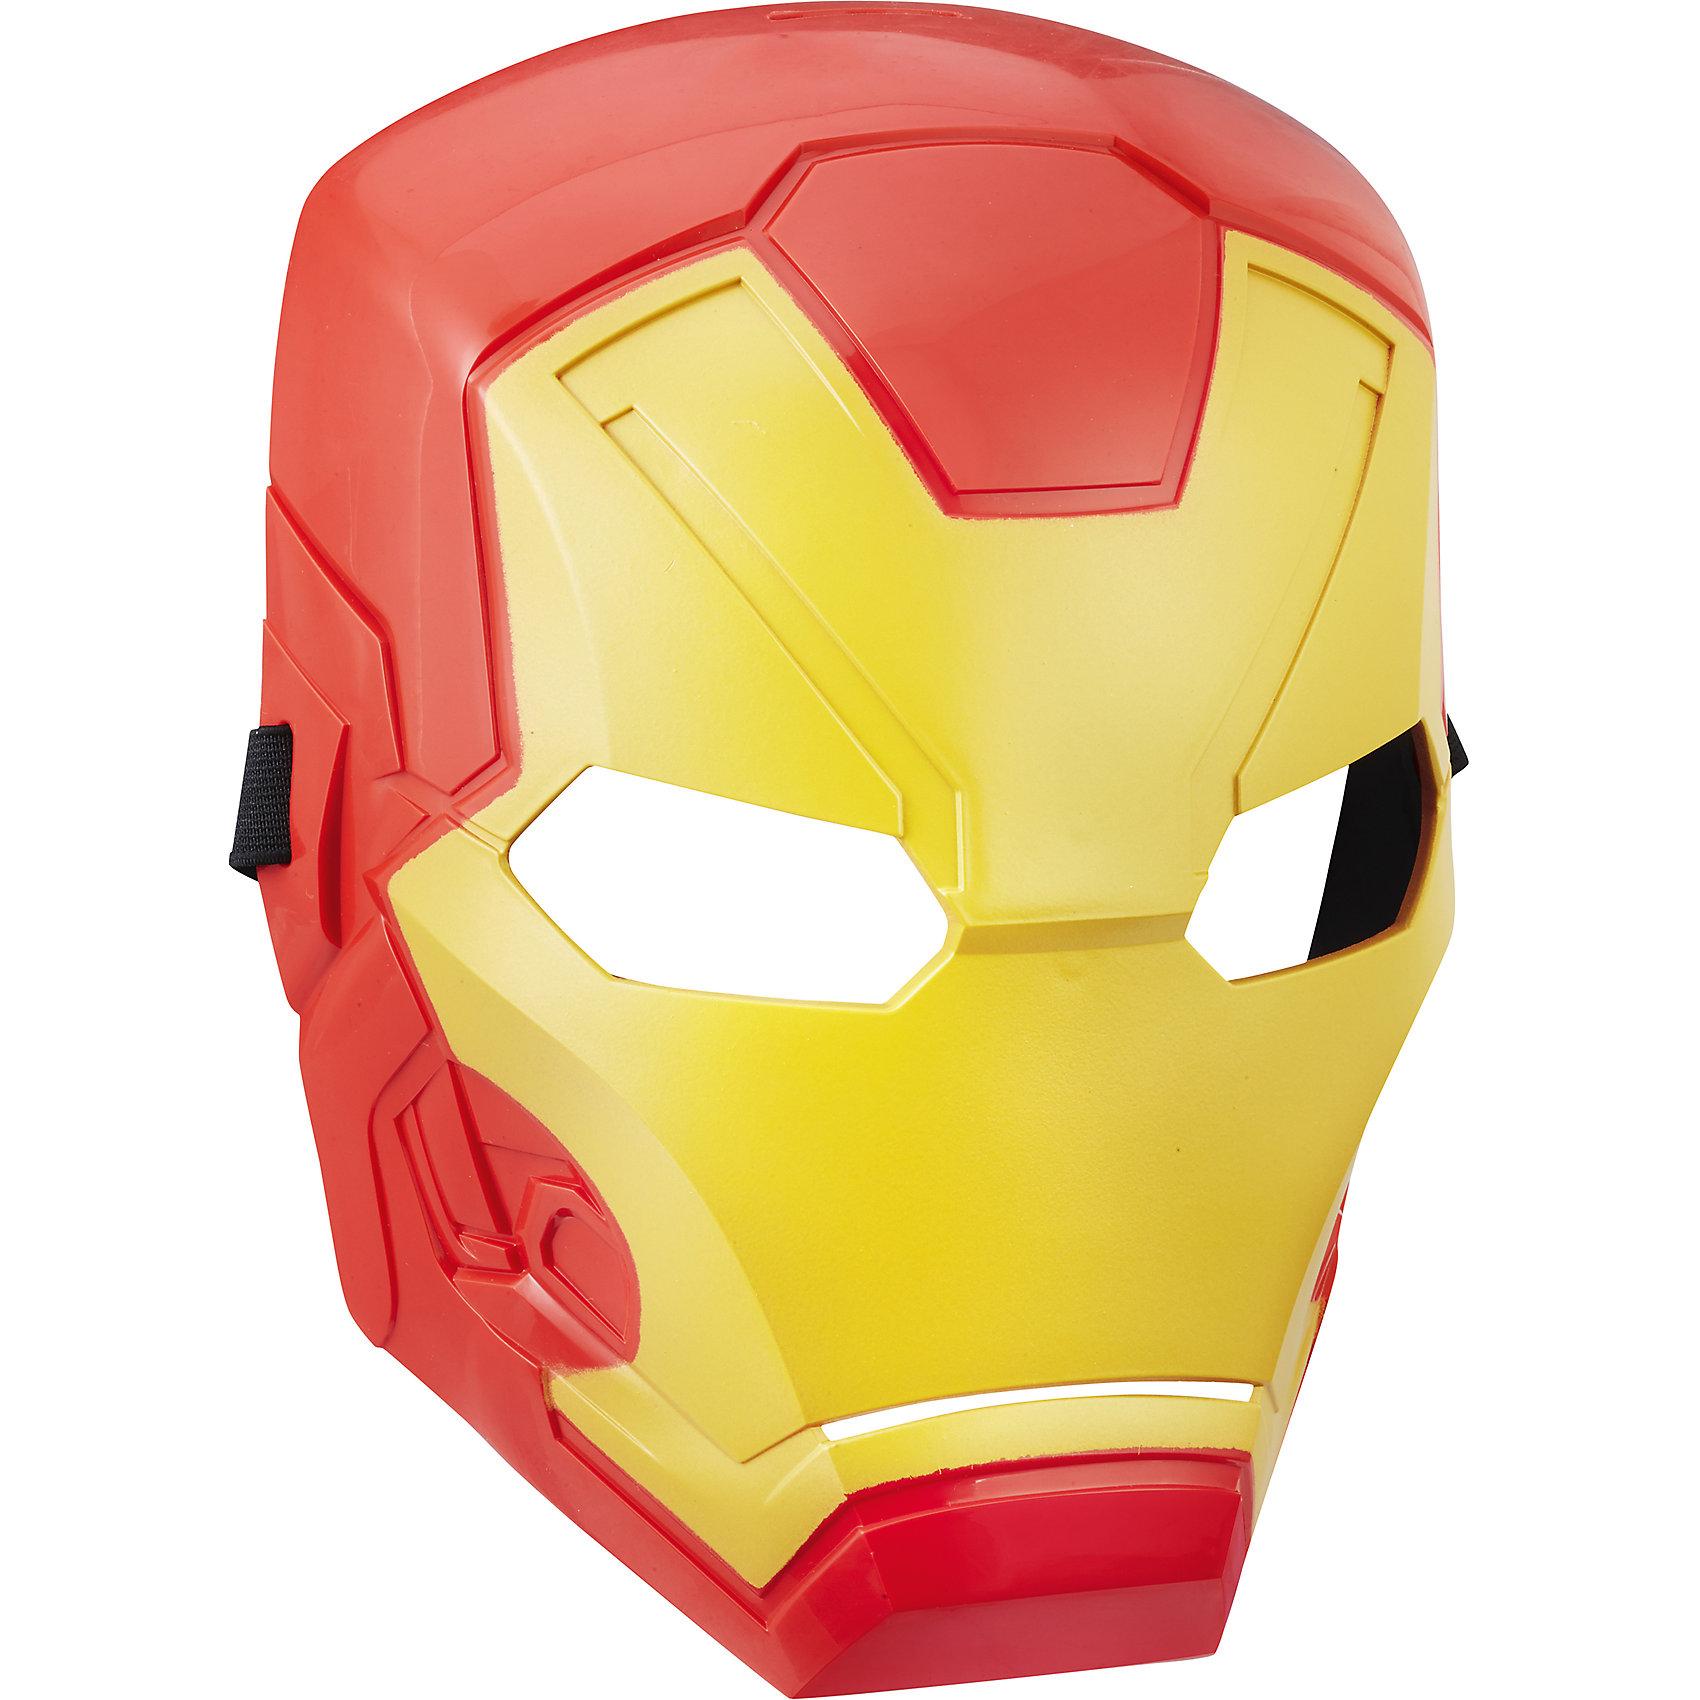 Маска Мстители Железный человек, HasbroИдеи подарков<br>Характеристики:<br><br>• возраст: от 5 лет<br>• материал: пластик<br>• размер упаковки: 290х119х10 мм.<br>• вес: 140 гр.<br><br>Маска неуязвимого Железного Человека от Hasbro (Хасбро) поможет ребенку представить себя супергероем, которой спасает мир от злодеев и погрузиться с друзьями в увлекательный игровой процесс. Маска выполнена очень реалистично, все детали тщательно проработаны. Она надежно закрепляется на голове ребенка с помощью эластичной резинки. Изделие изготовлено из качественного пластика и наверняка понравится поклонникам этого героя.<br><br>Маску Мстителя, B9945/C0481, Мстители, Hasbro (Хасбро) можно купить в нашем интернет-магазине.<br><br>Ширина мм: 290<br>Глубина мм: 119<br>Высота мм: 10<br>Вес г: 140<br>Возраст от месяцев: 60<br>Возраст до месяцев: 2147483647<br>Пол: Мужской<br>Возраст: Детский<br>SKU: 6711761